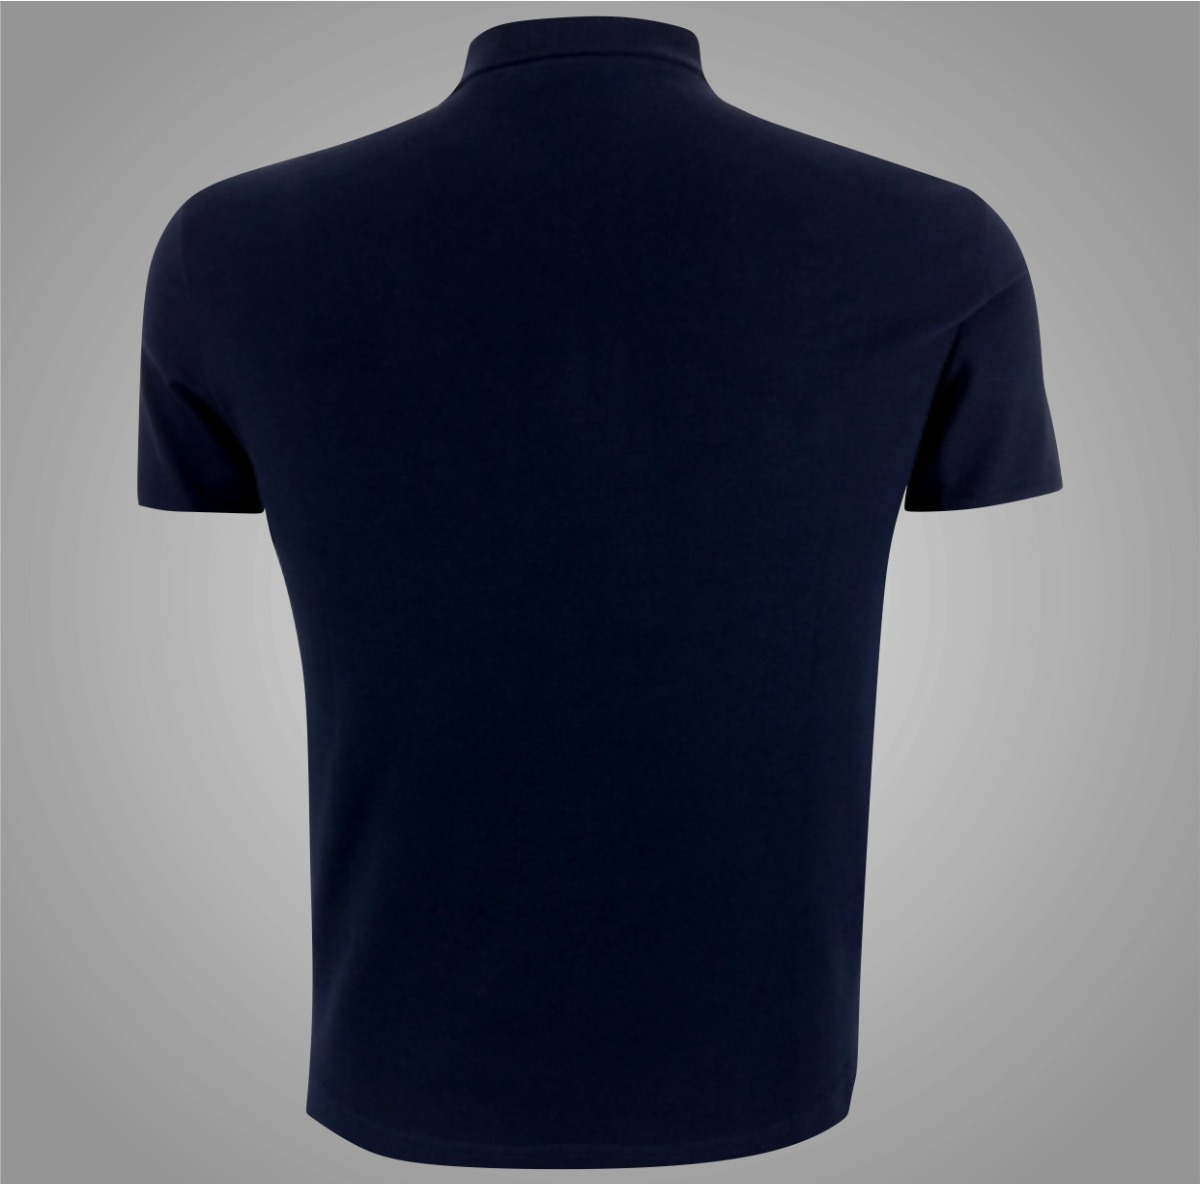 camisa pólo azul marinho camisa azul marinho blusa azul. Carregando zoom. b75be91b8a46a